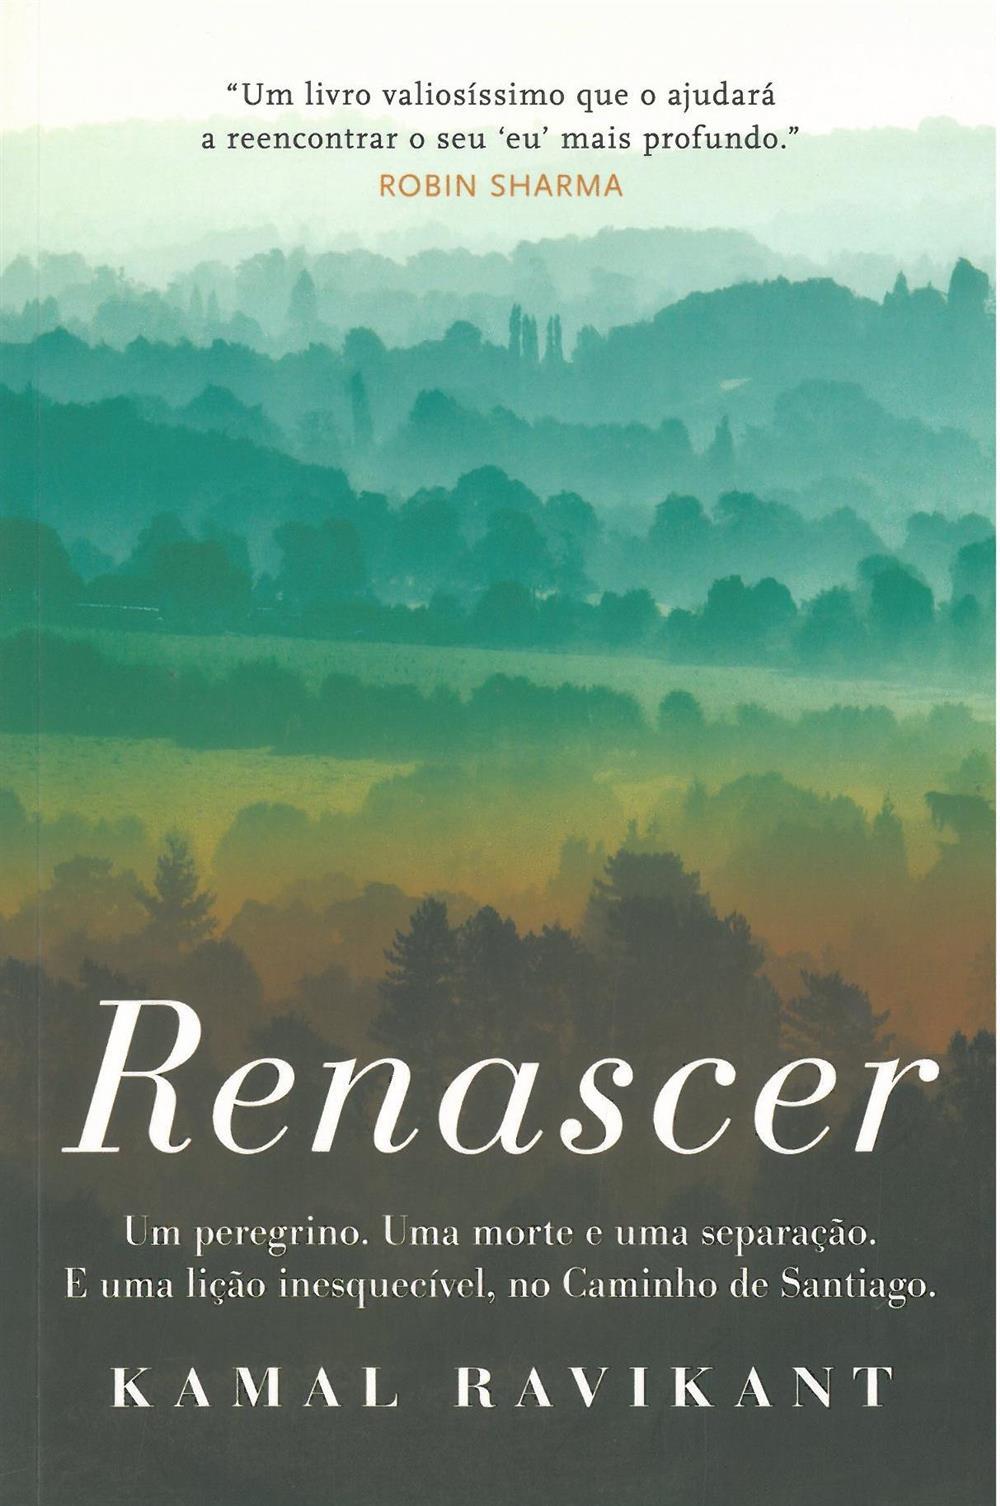 Renascer_.jpg